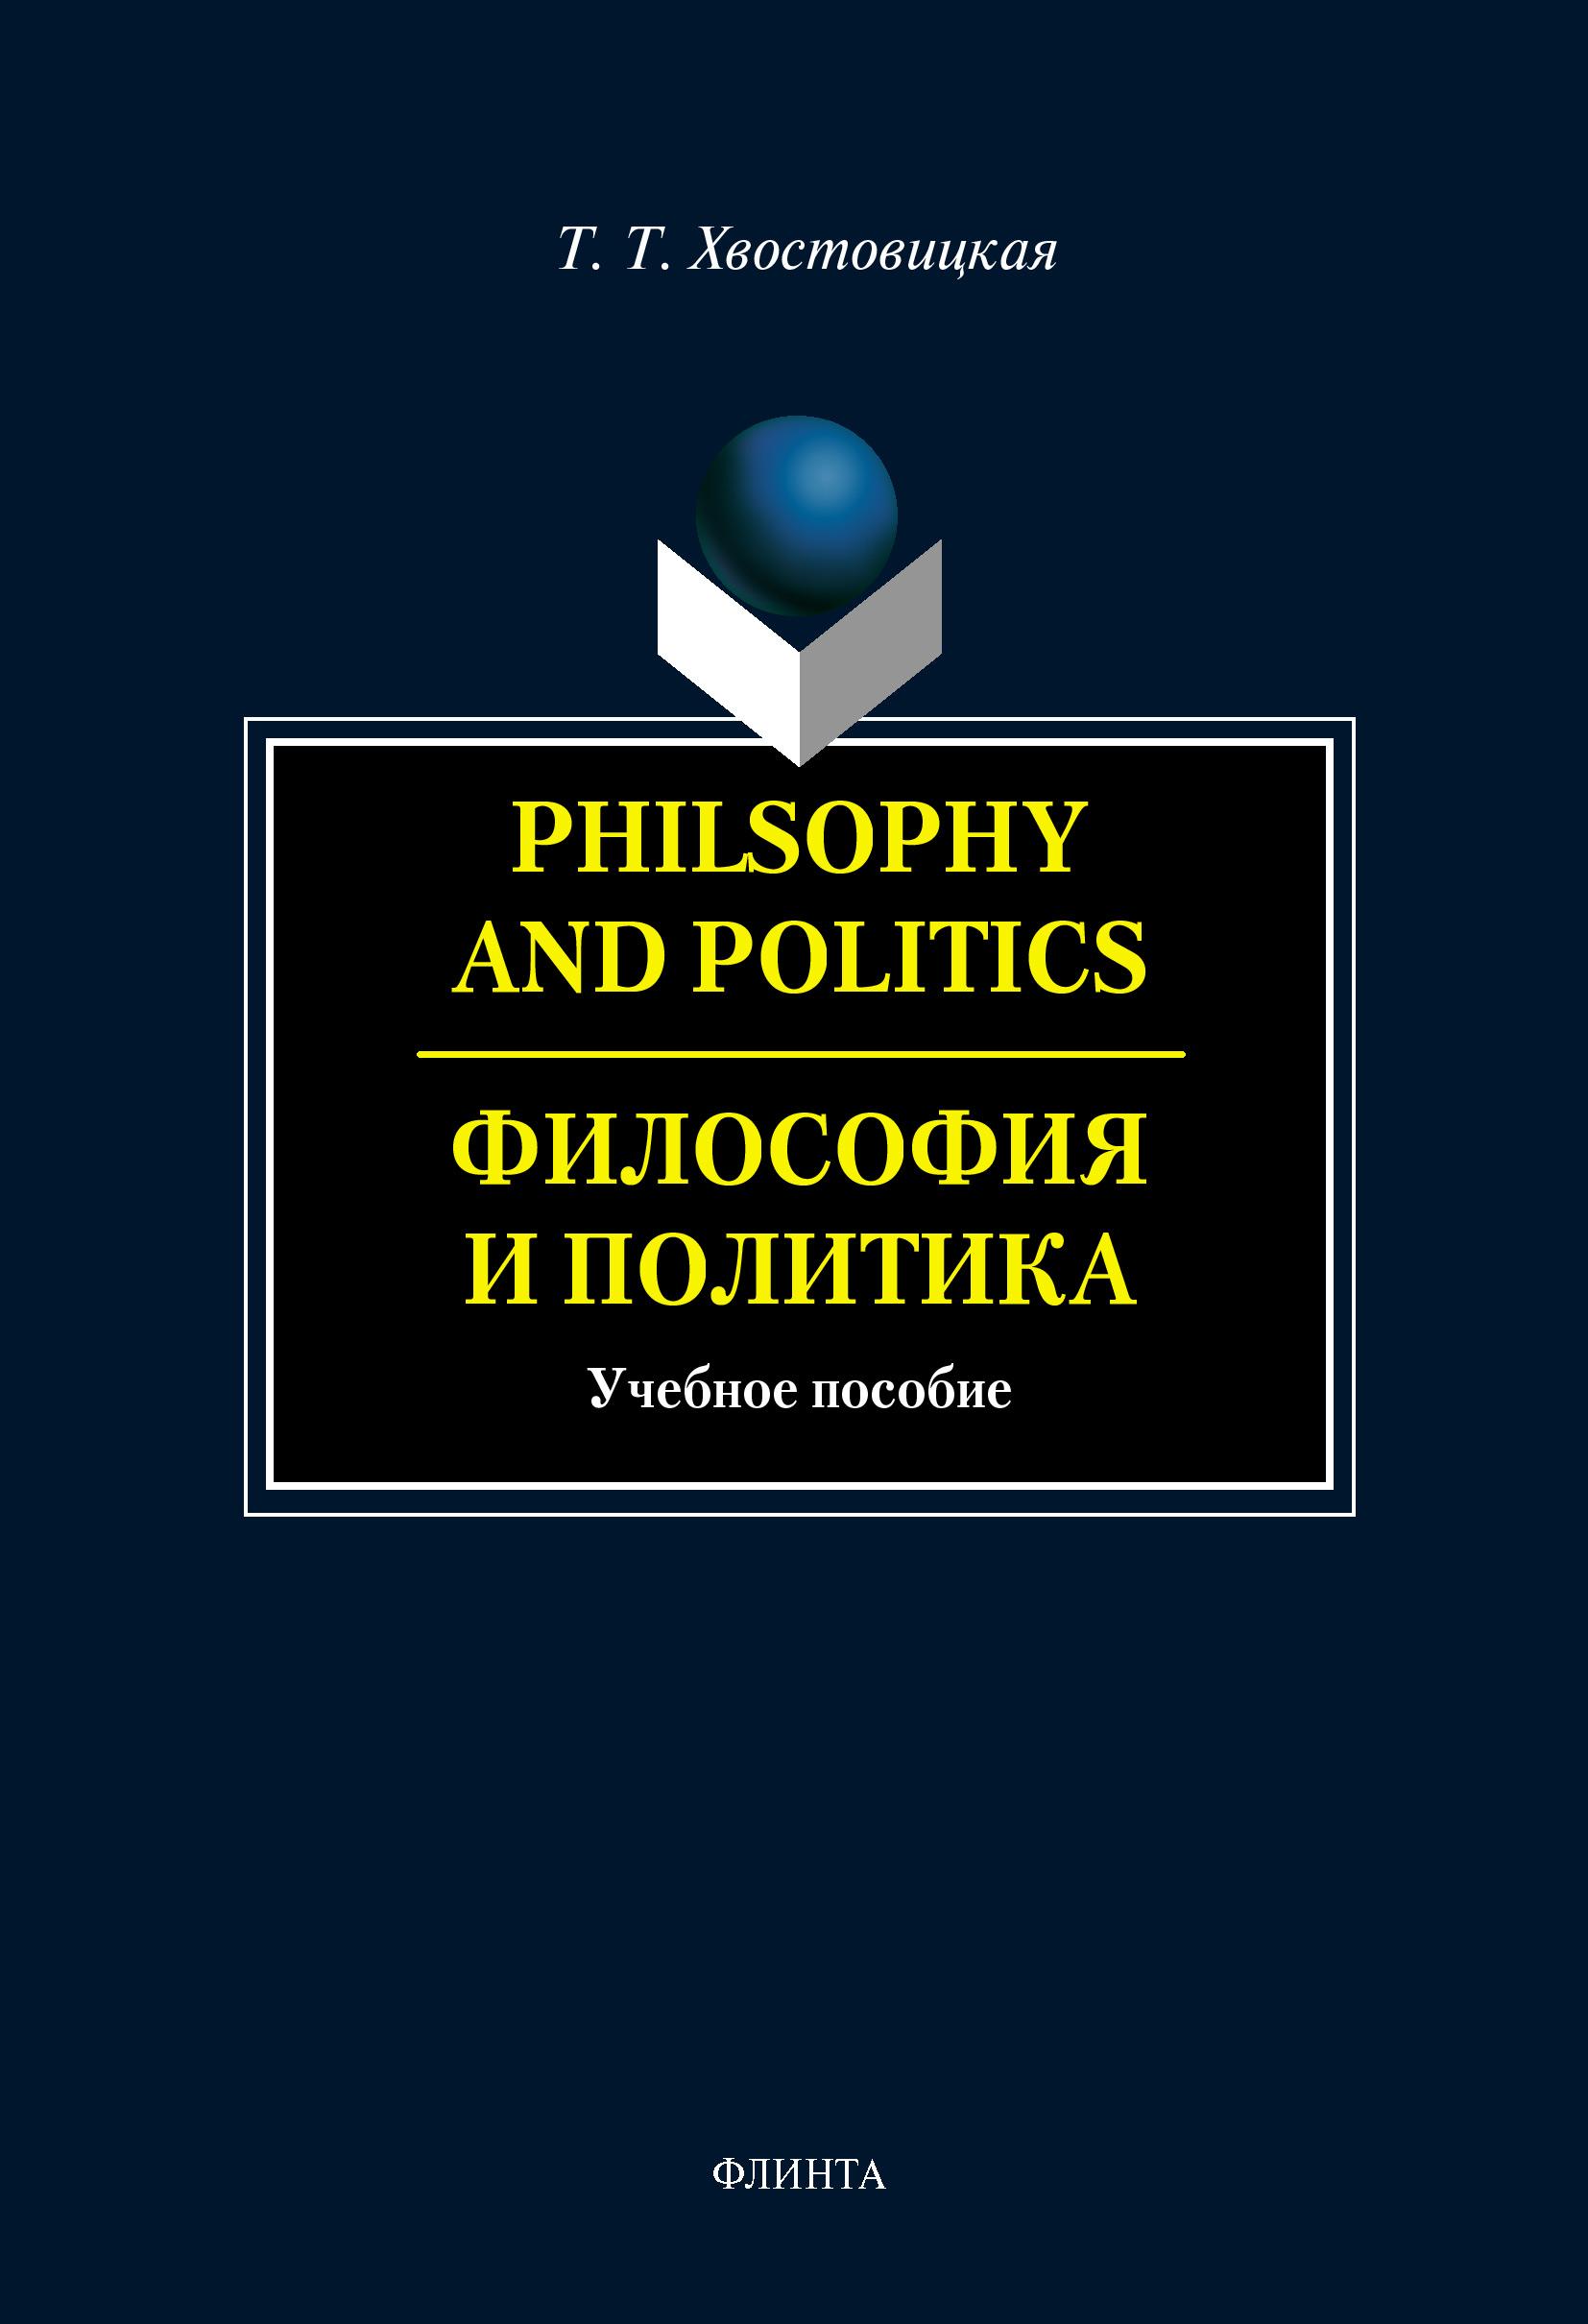 Т. Т. Хвостовицкая Philosophy and Politics. Философия и политика: учебное пособие politics